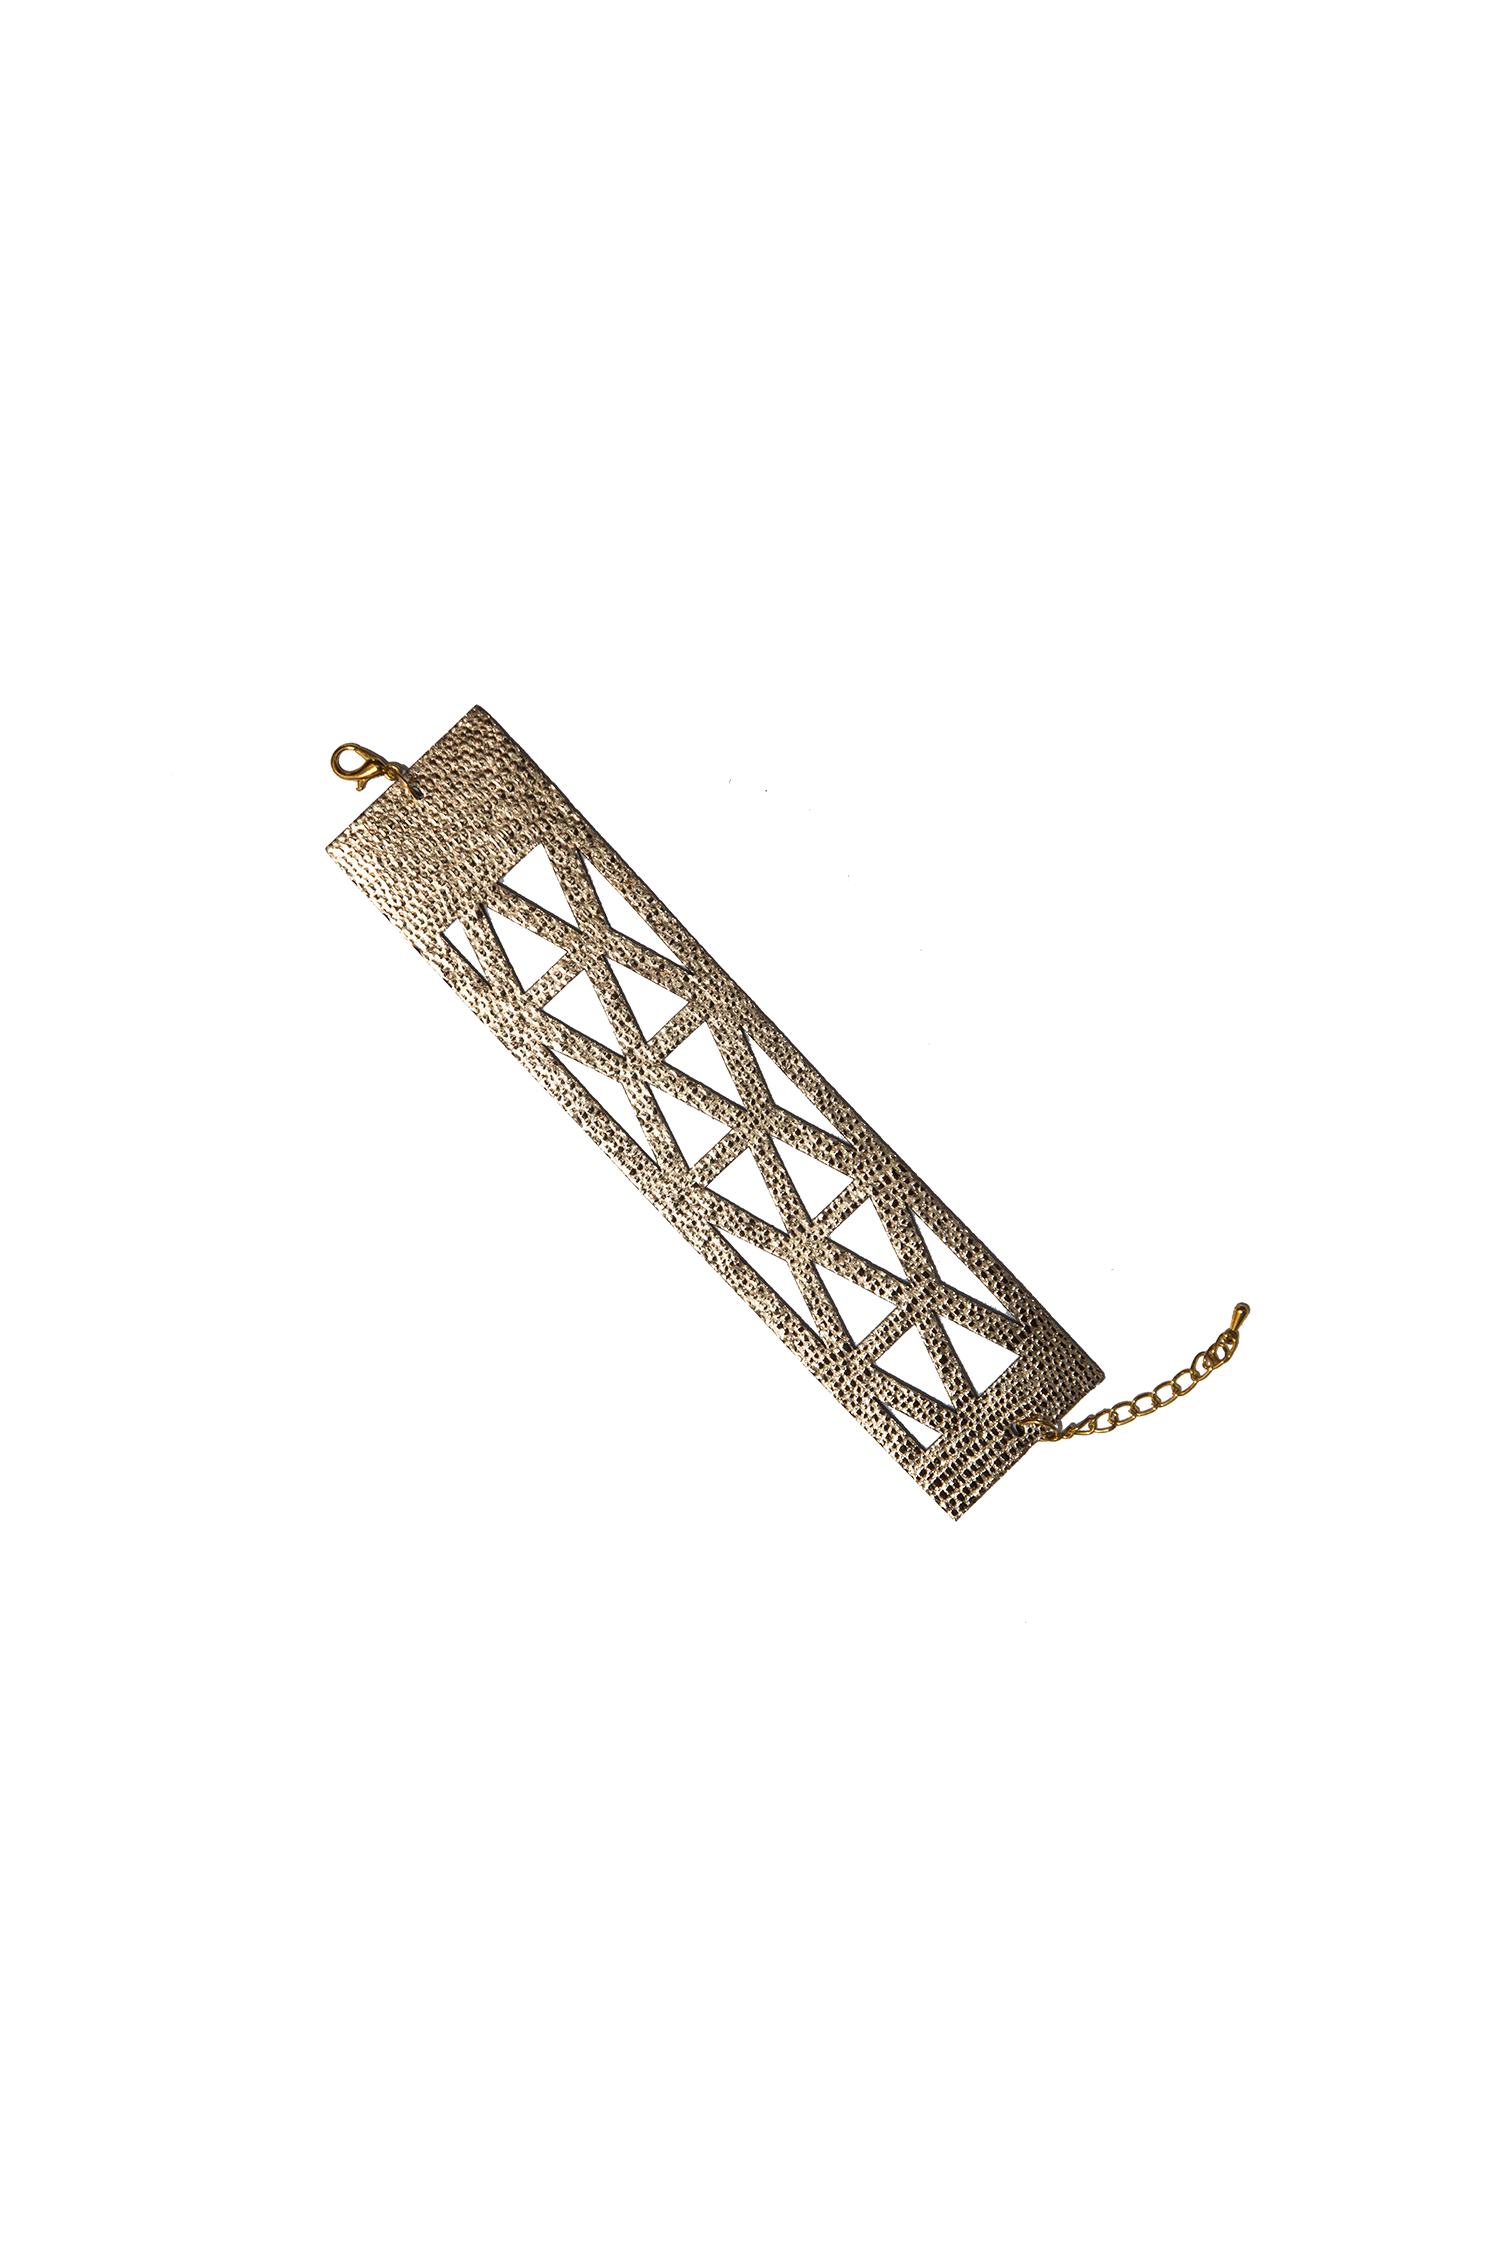 Браслет браслет эстет женский золотой браслет с топазами est01б321259t7 19